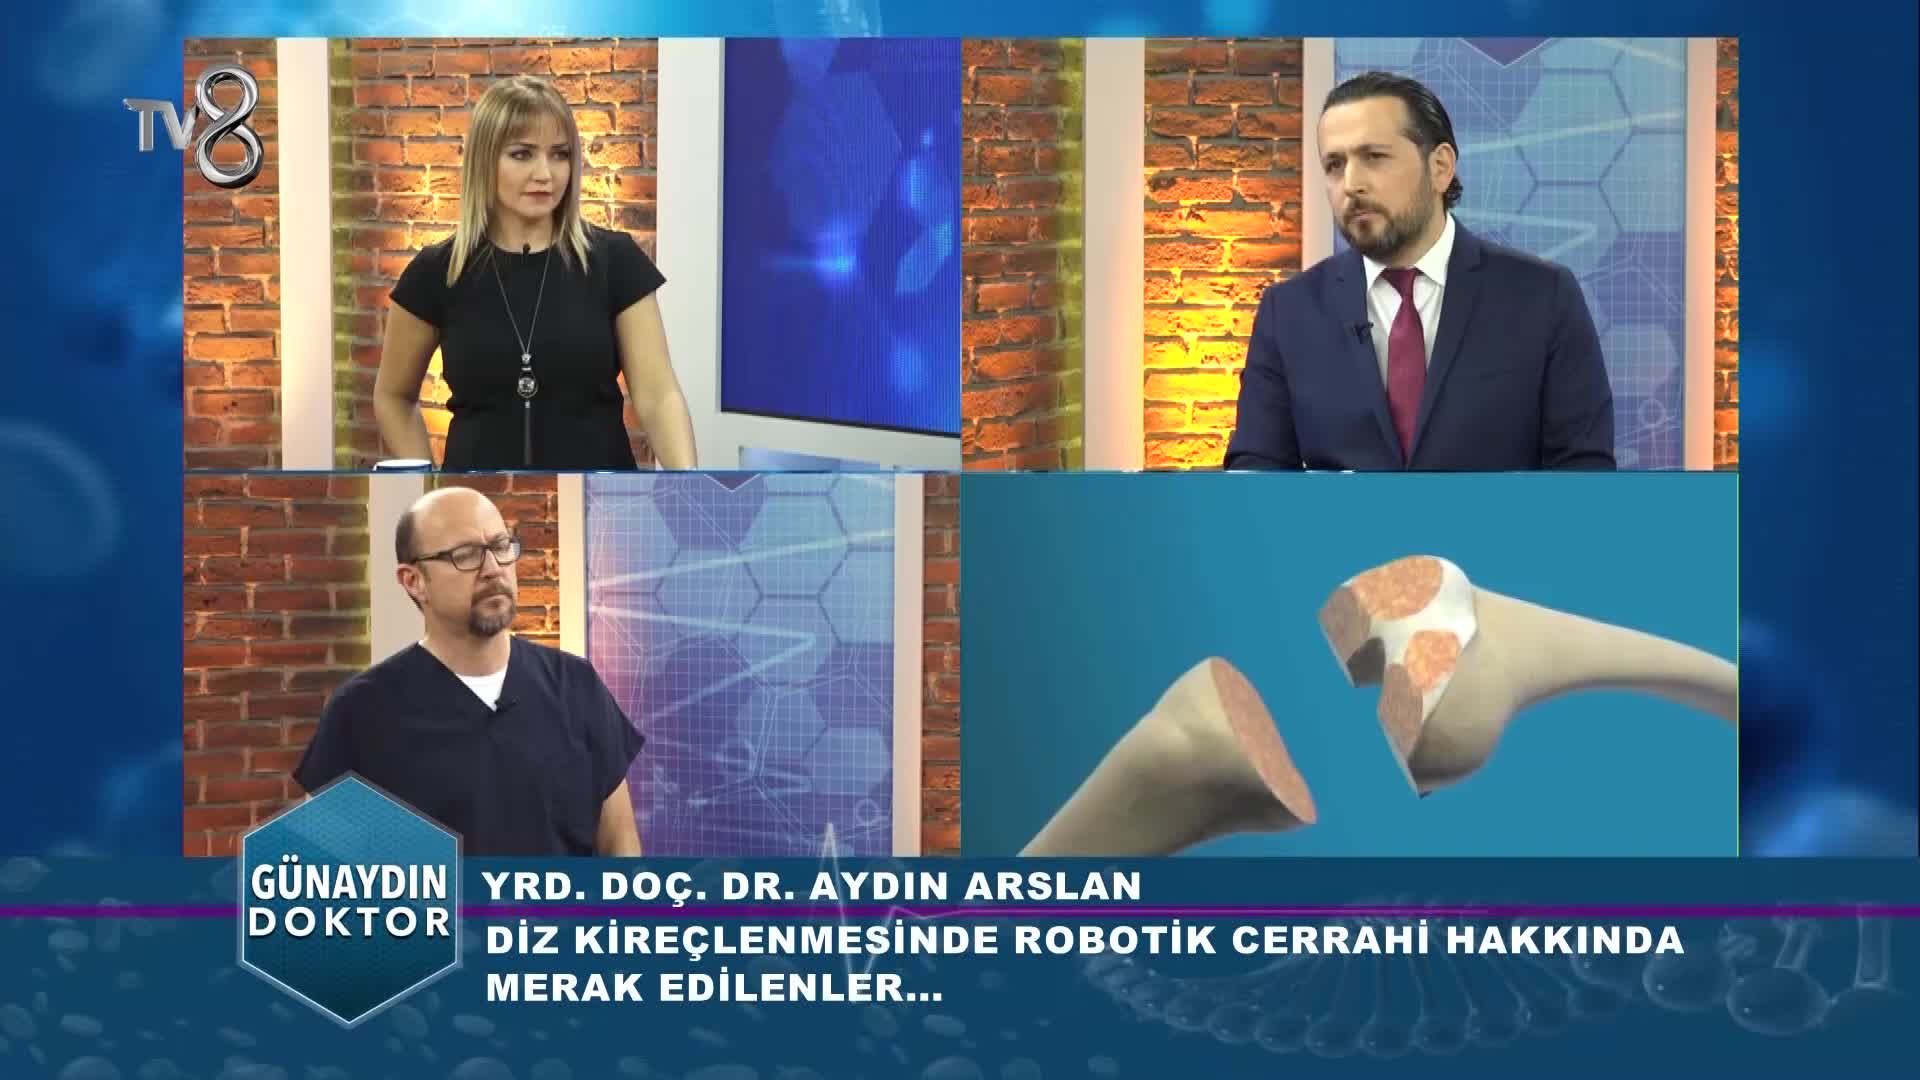 """Youtube – Robotik diz protezi ameliyatı ile manuel arasındaki farklar """"Op. Dr. Aydın  ARSLAN"""""""